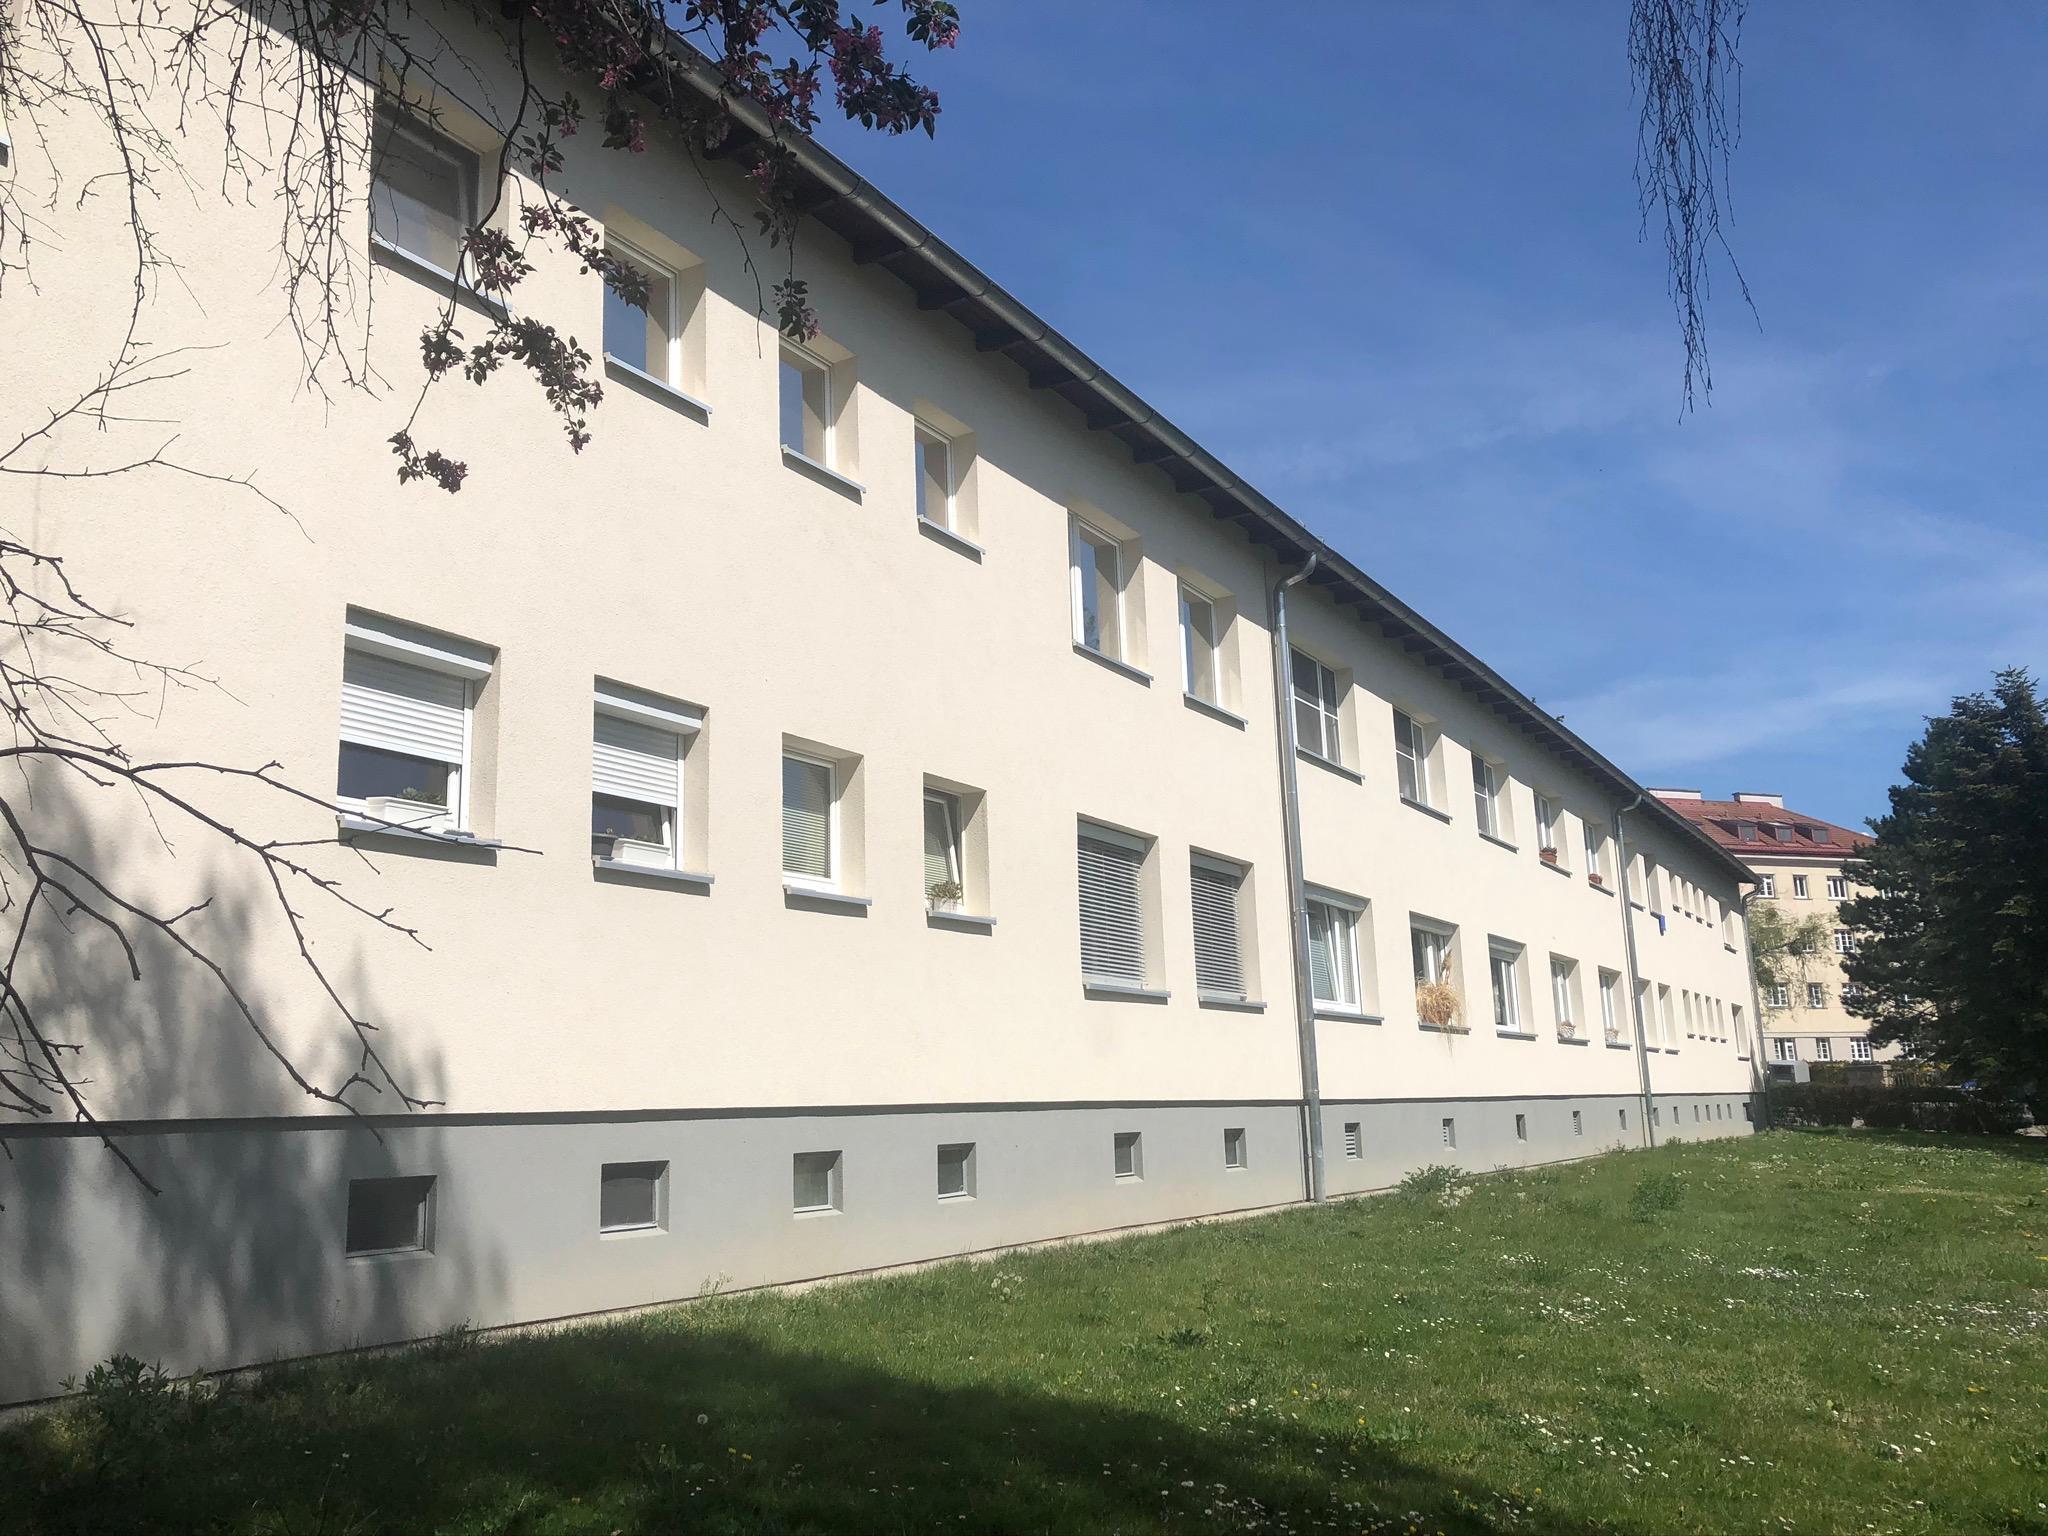 Baumeistergasse11